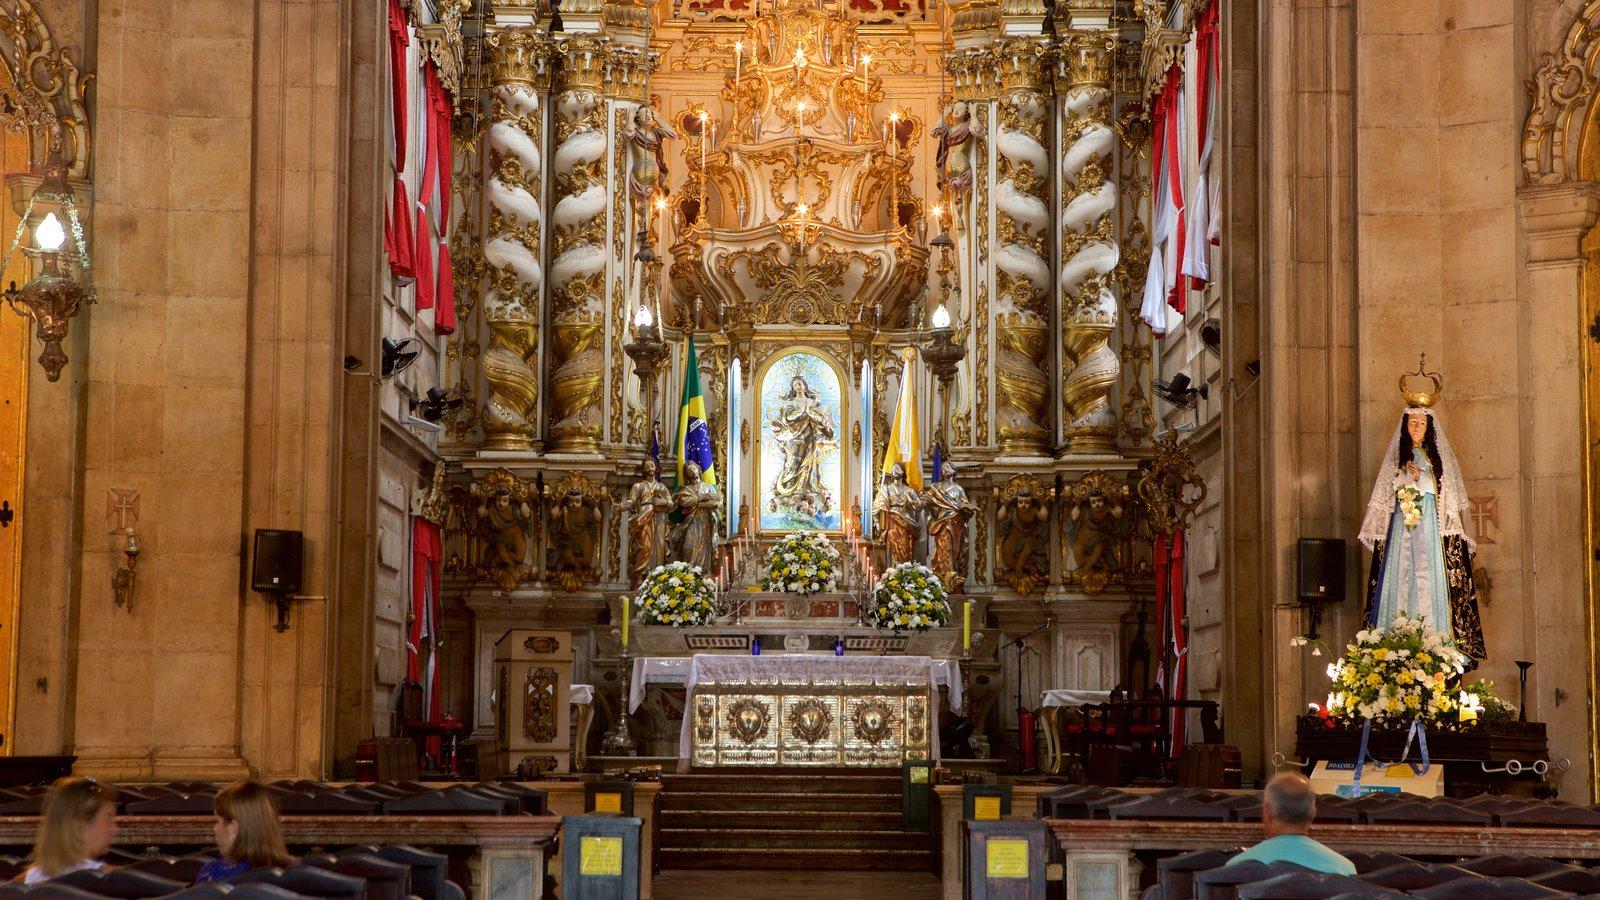 Basílica de Nossa Senhora de Conceição da Praia que inclui aspectos religiosos, uma igreja ou catedral e vistas internas